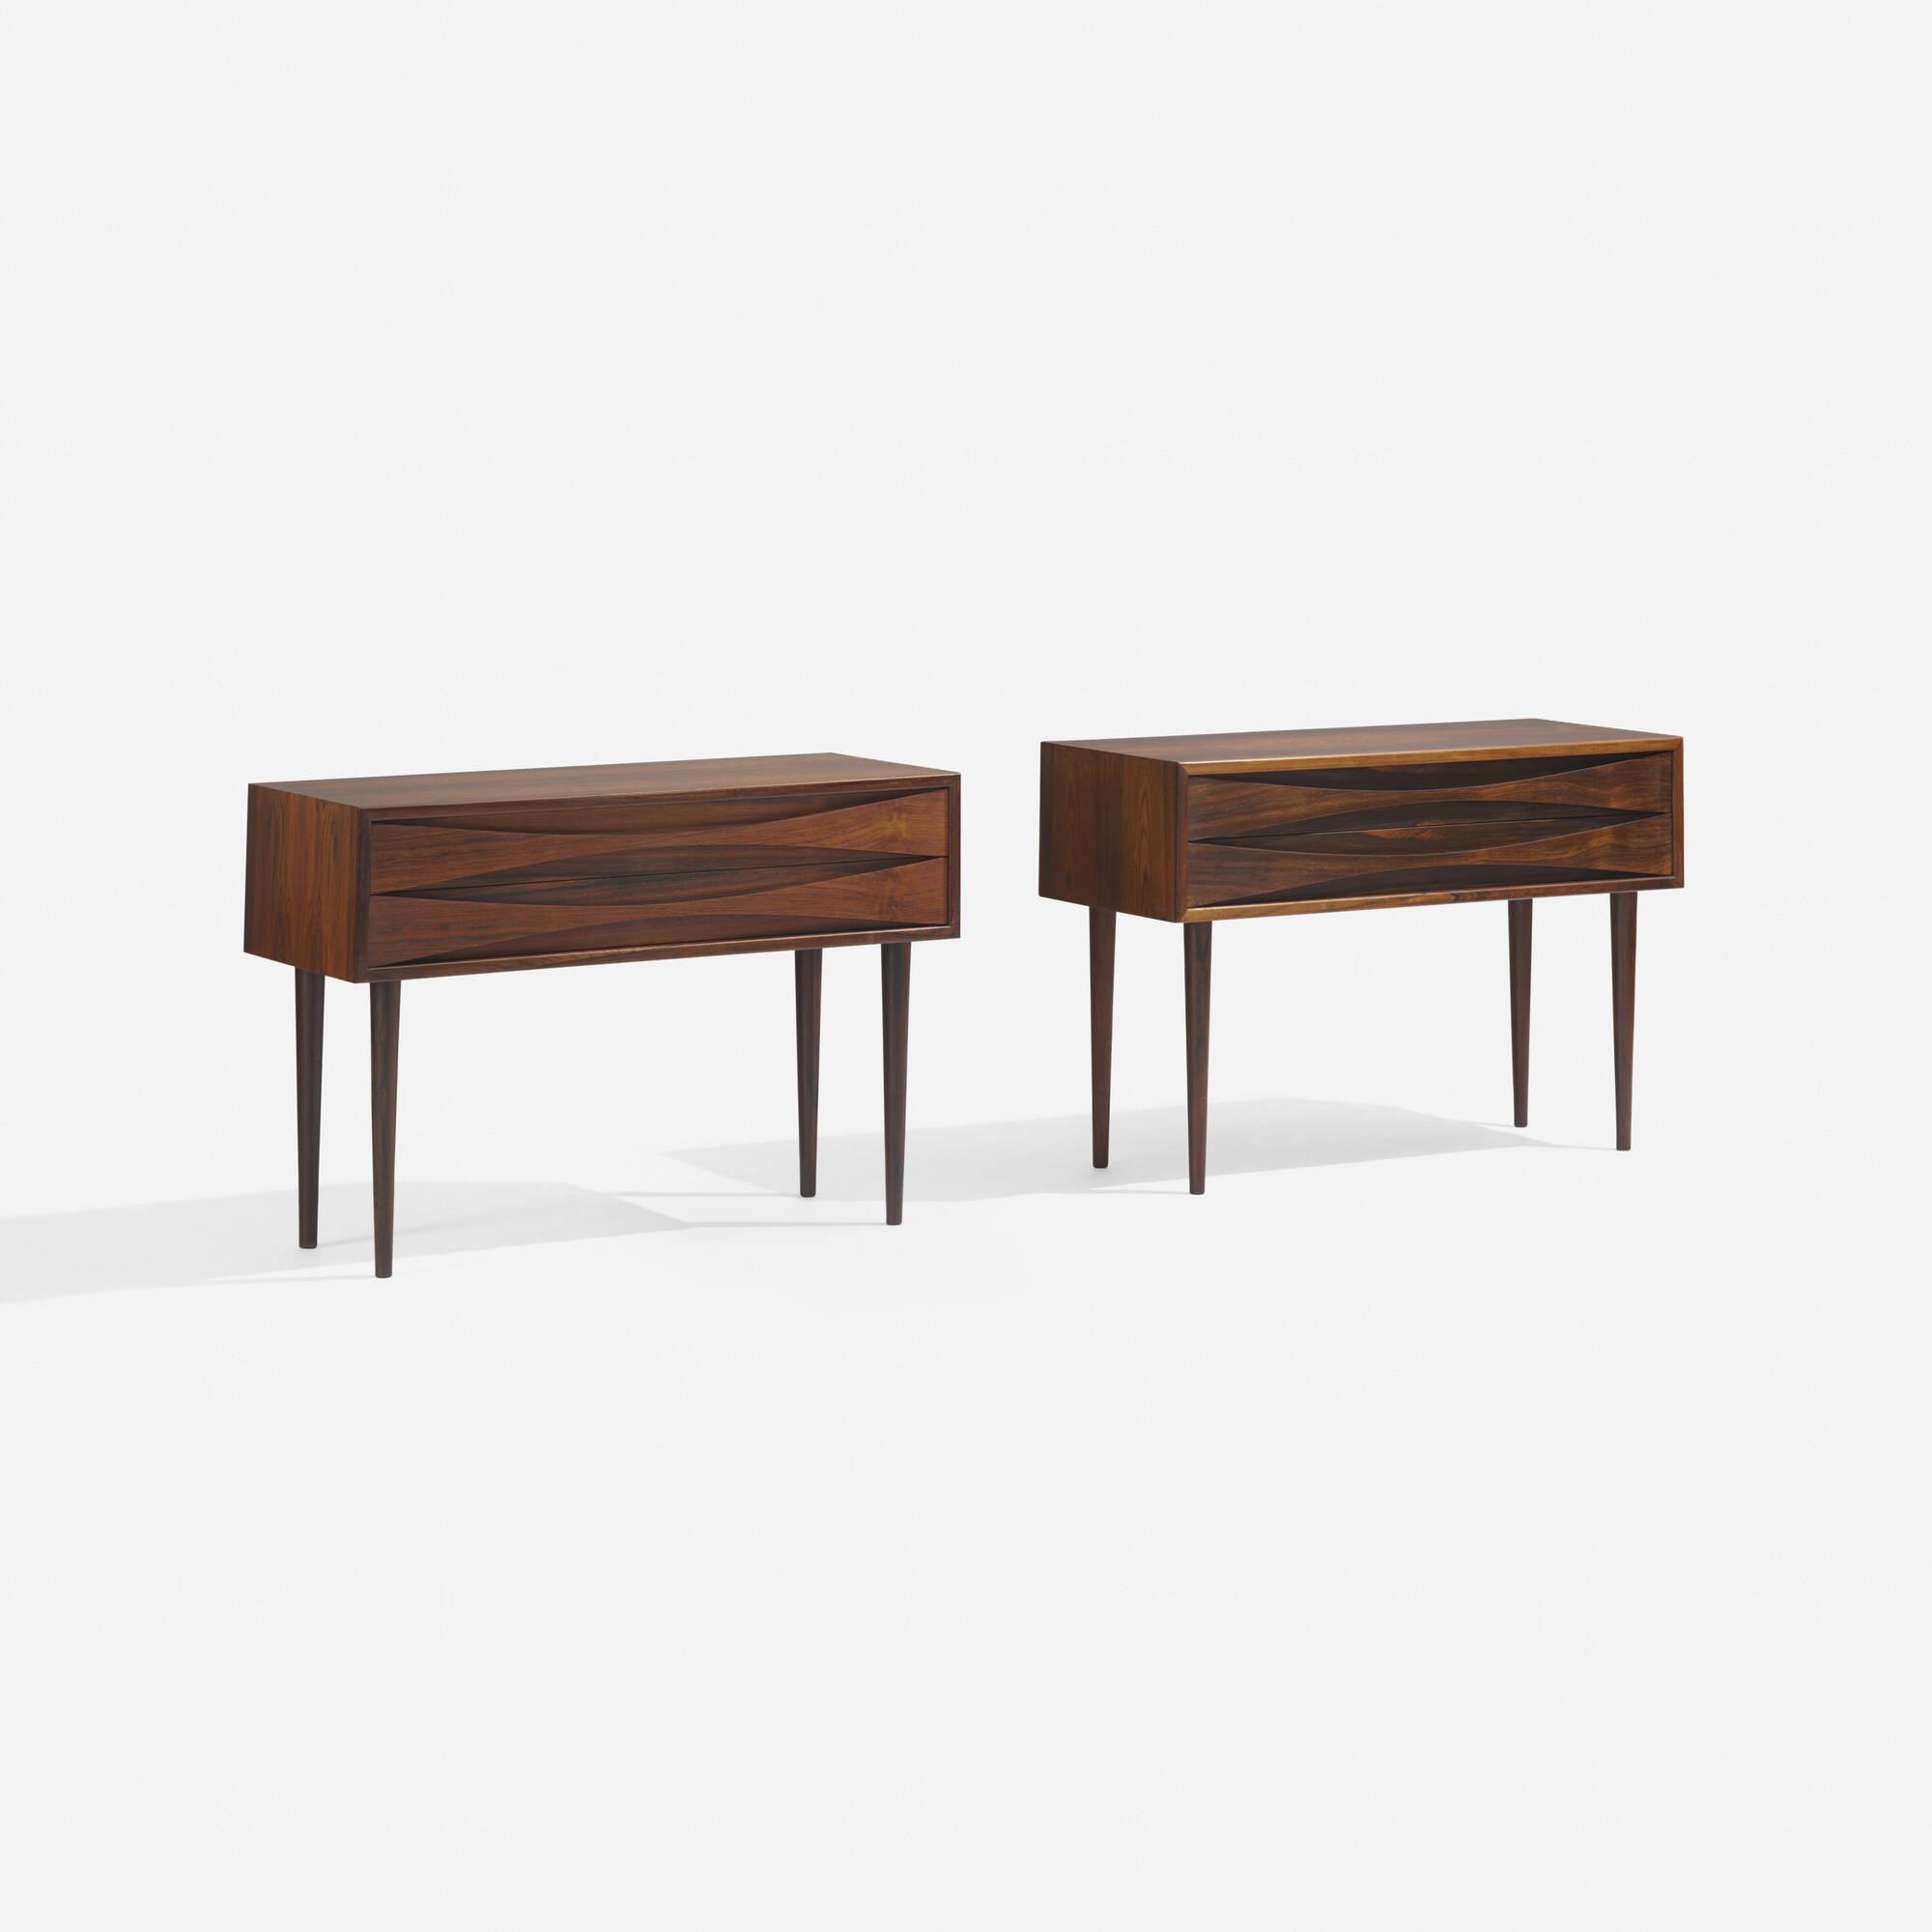 239: Arne Vodder / nightstands, pair (1 of 3)